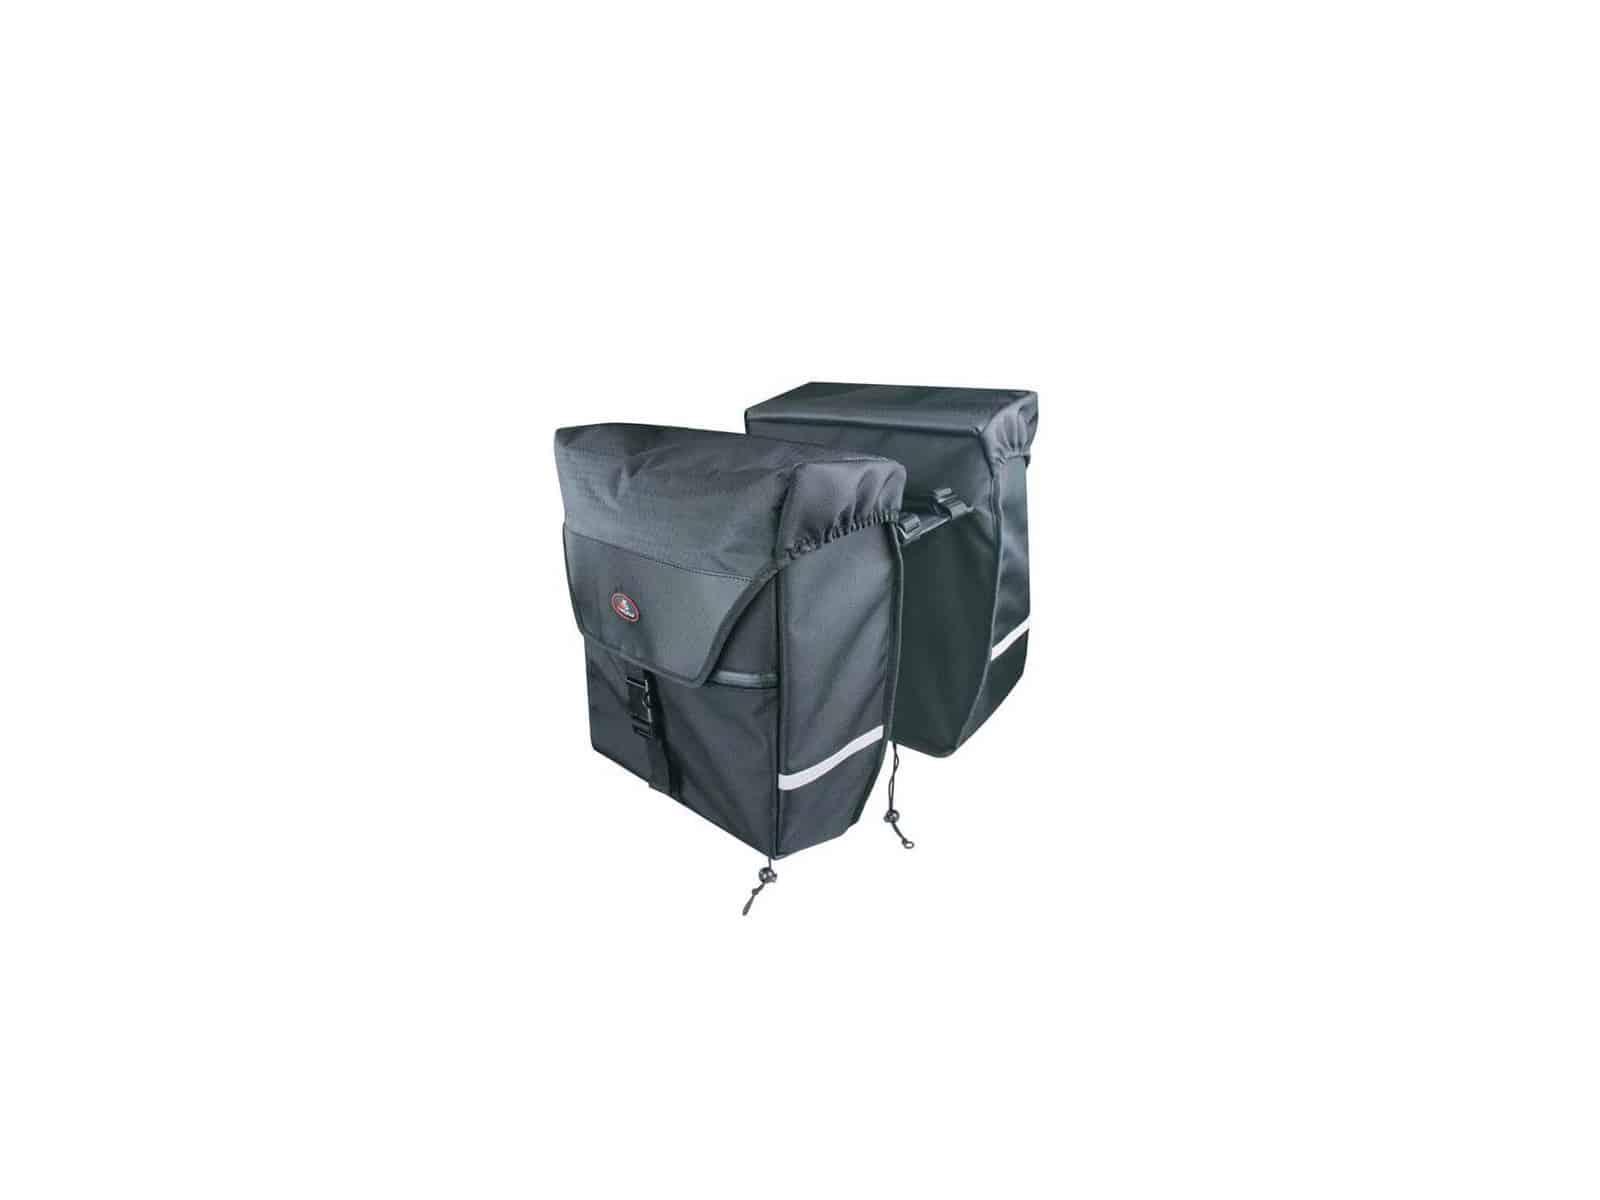 Easydo - taske til bagagebærer - 29 liter